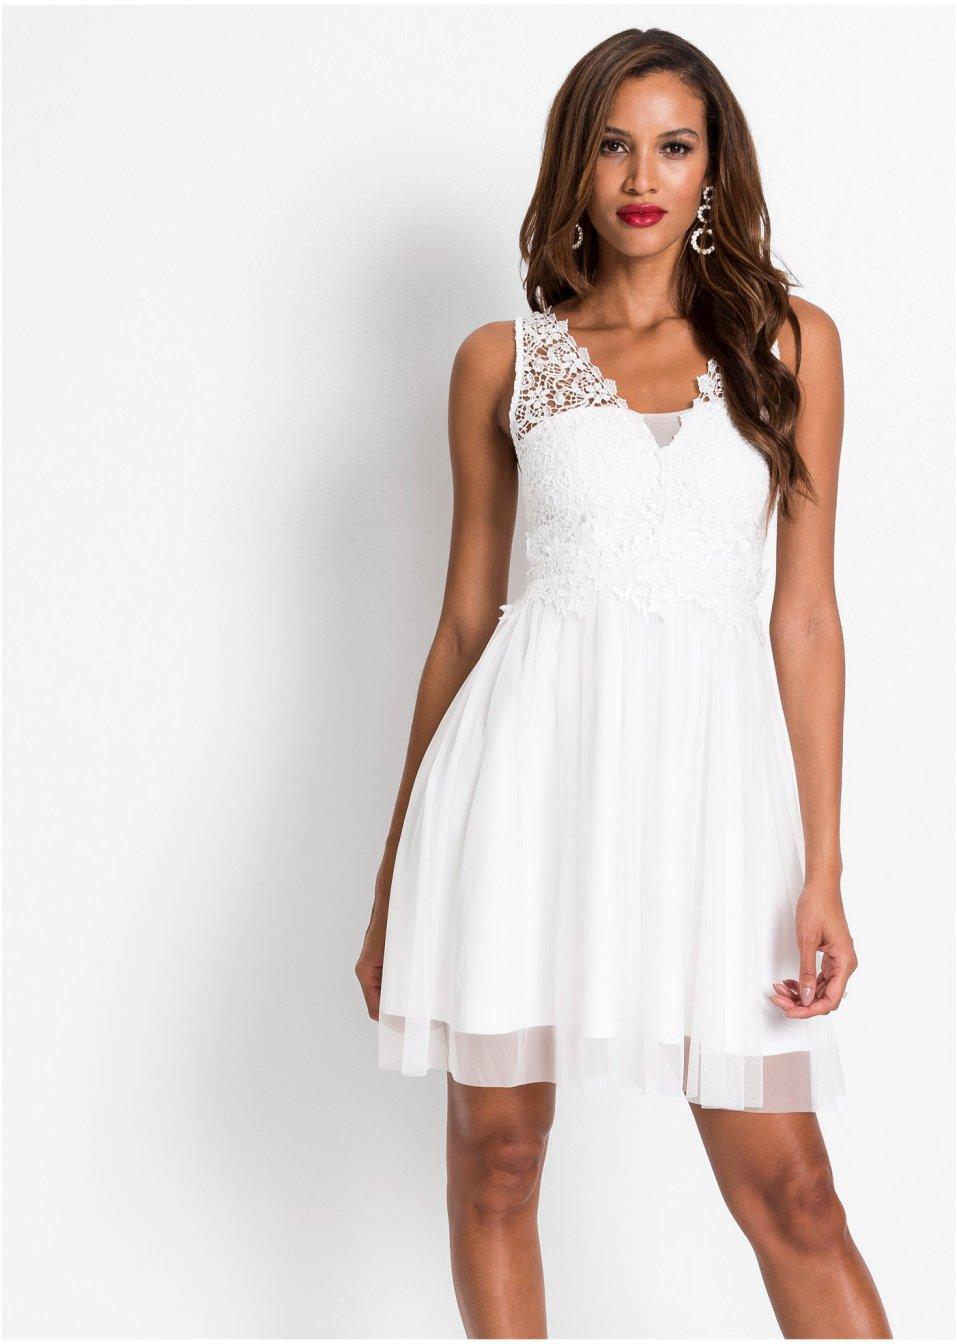 Kleid mit Spitze weiß - BODYFLIRT boutique - bonprix.de